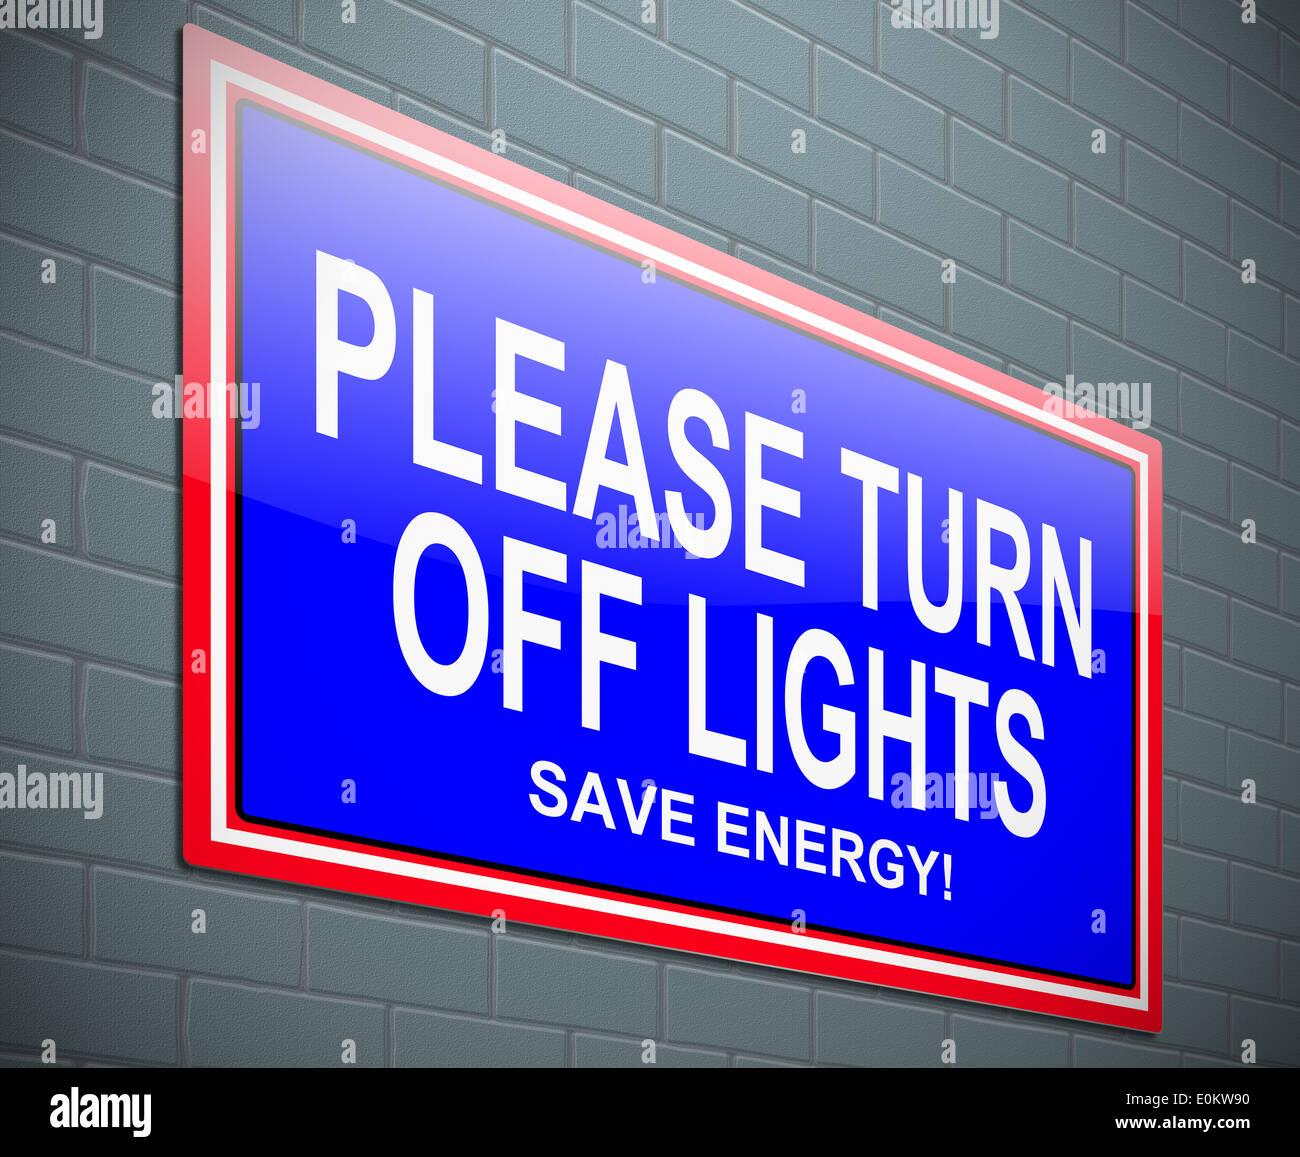 Schalten Sie Lichter Konzept Stockfoto, Bild: 69278412 - Alamy